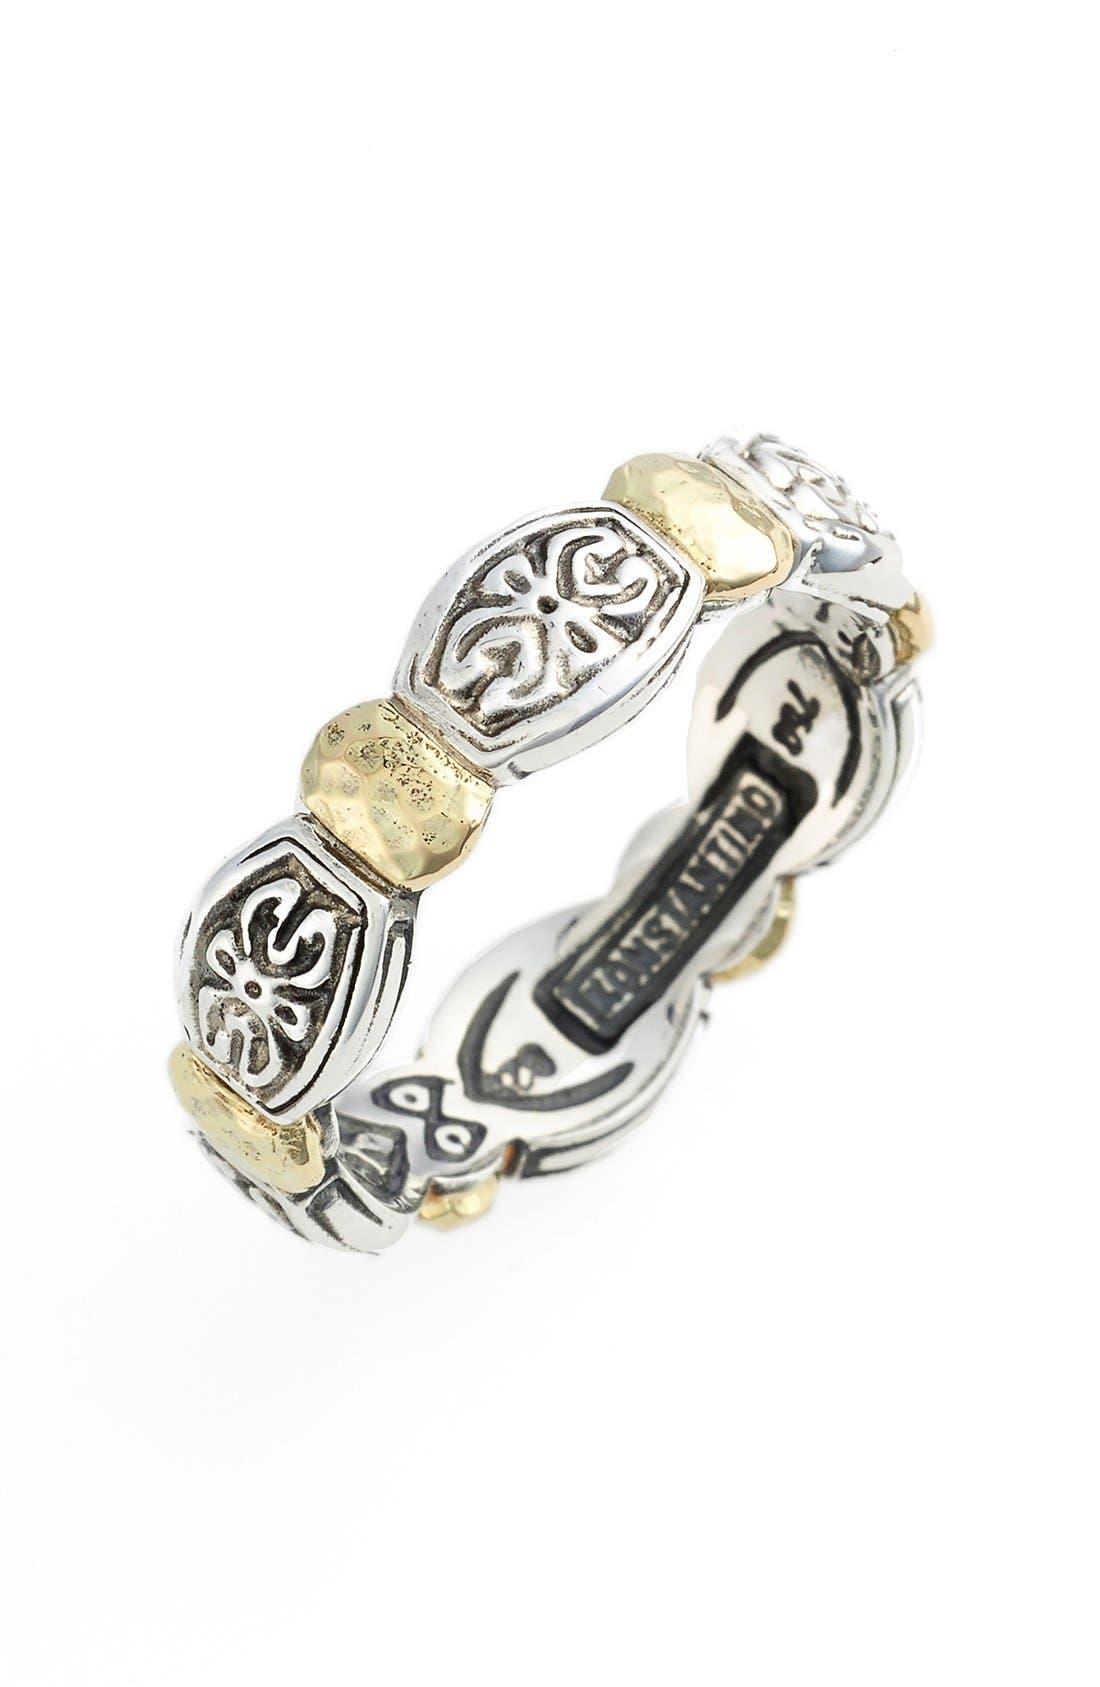 'Aspasia' Hammered Band Ring,                             Main thumbnail 1, color,                             SILVER/ GOLD